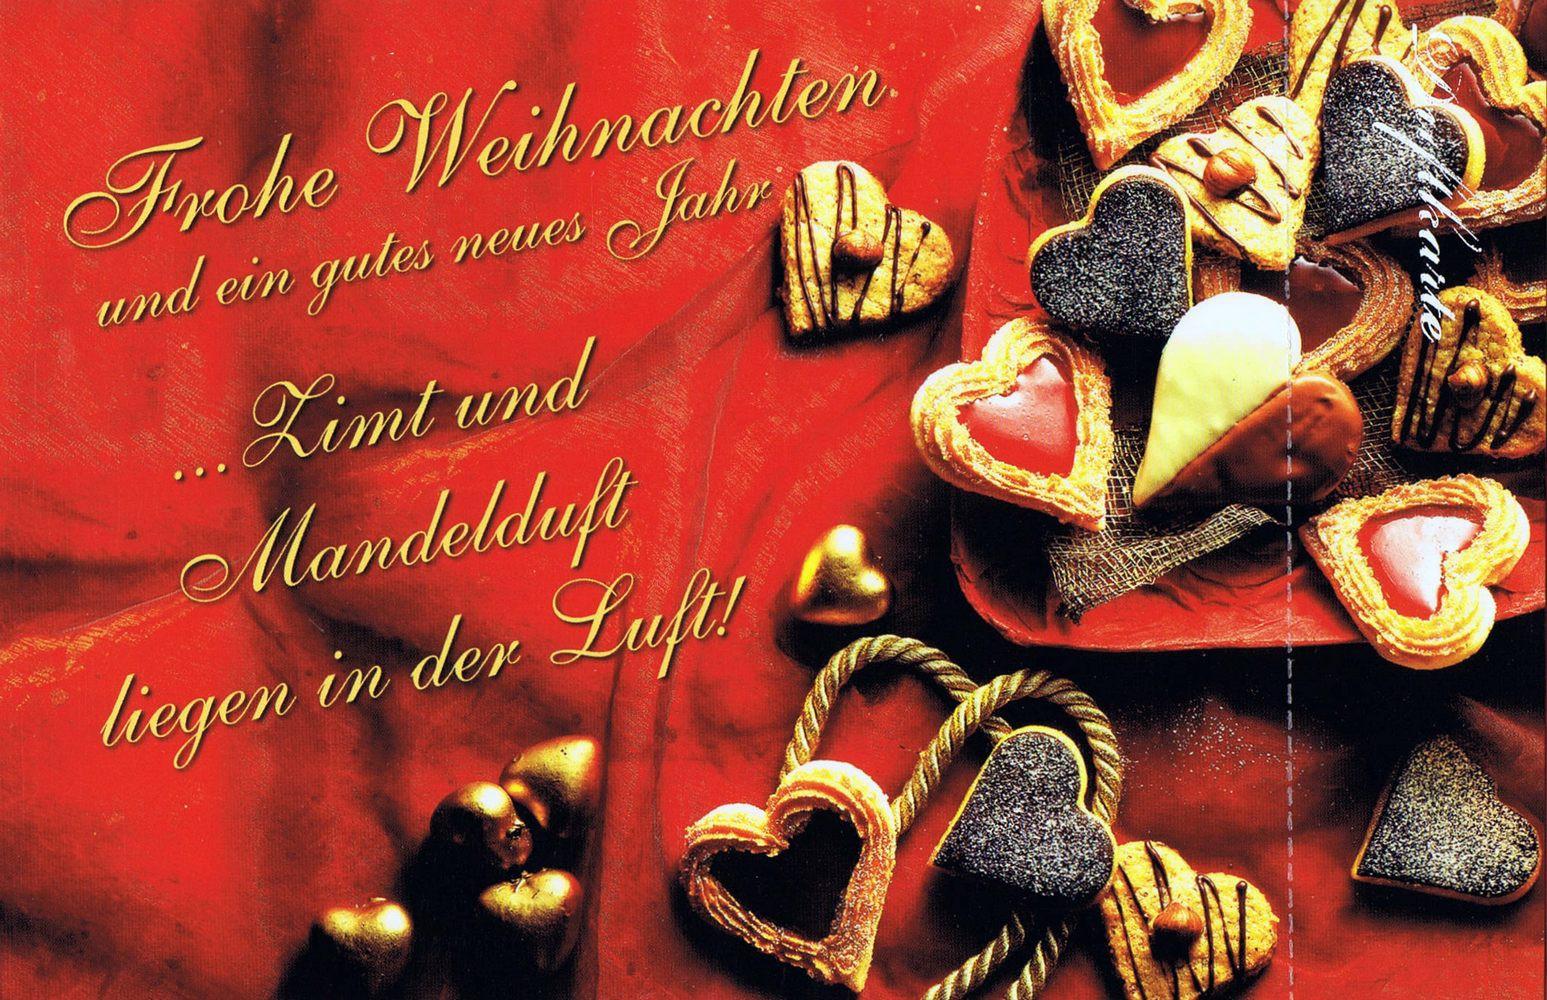 Weihnachtskarten Mit Duft.Duftkarte Weihnachten Mit Duft Nach Zimt Und Weihnachtsgebäck